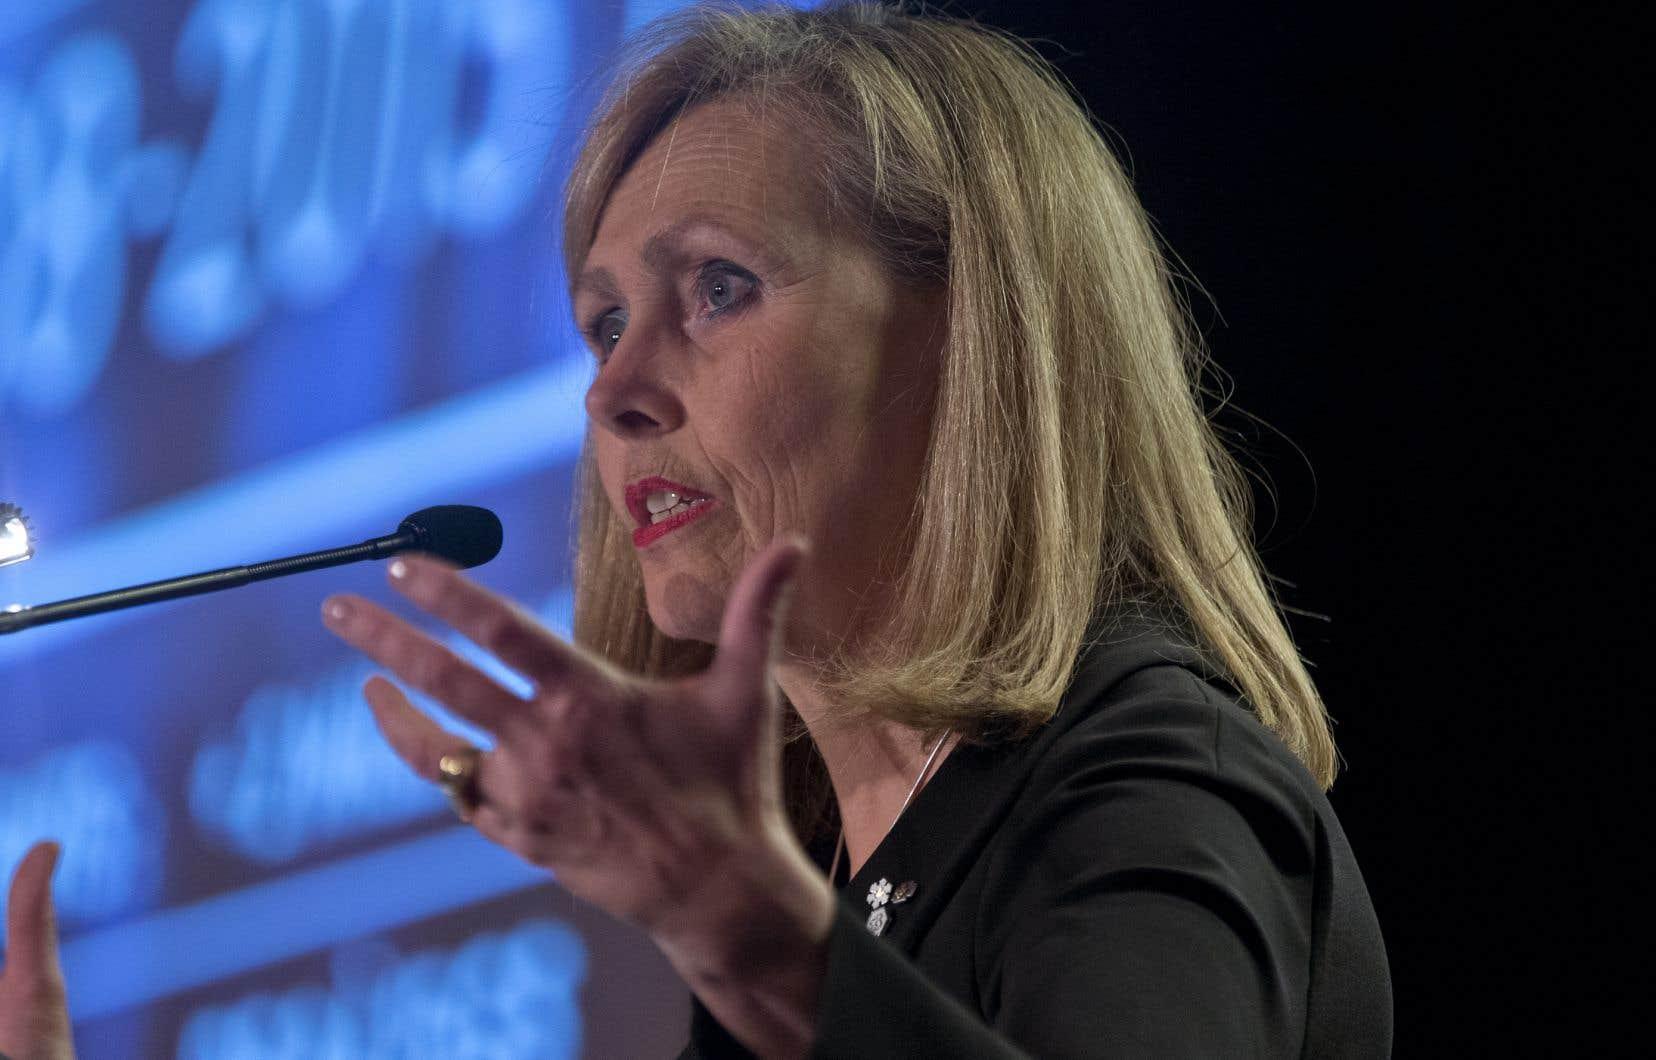 Autre point positif pour le Canada, selon Monique Leroux: les États-Unis ont réintégré l'Accord de Paris pour lutter contre les changements climatiques.